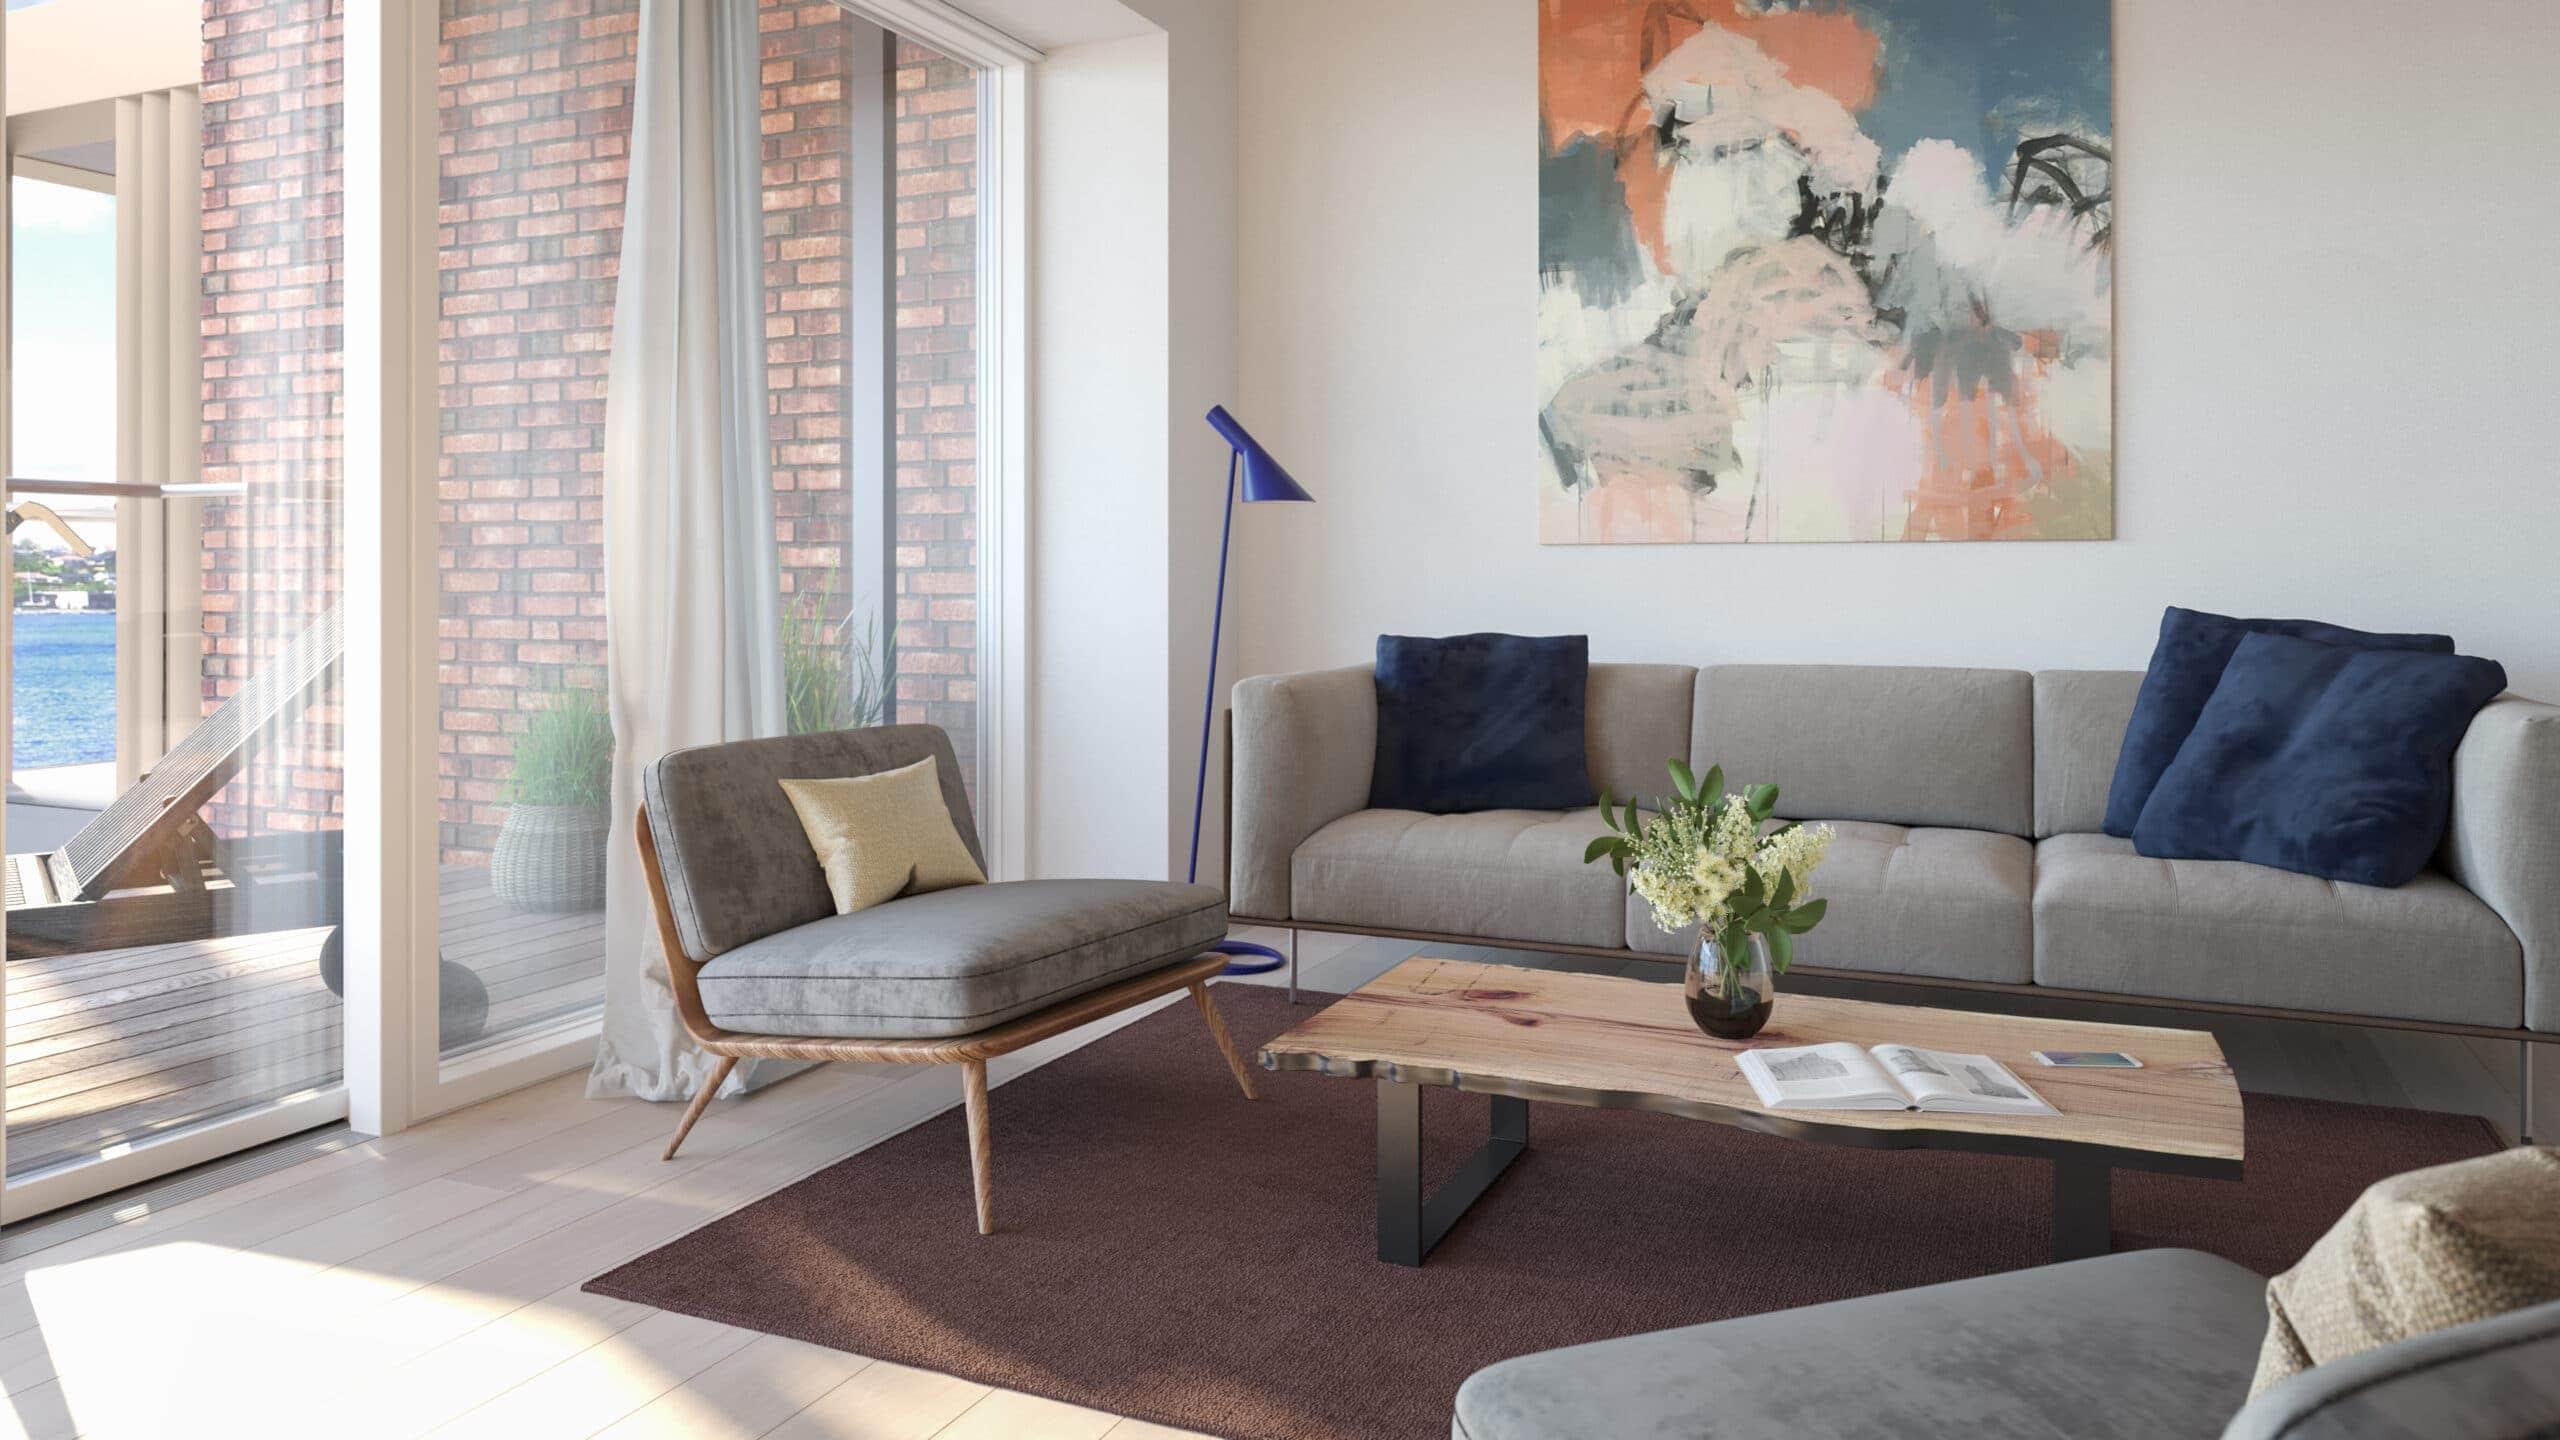 1728_A_Enggaard_Kongebro-Huset-i-Soenderborg_INT_Lejlighed16_TypeD_2sal_003_Stue